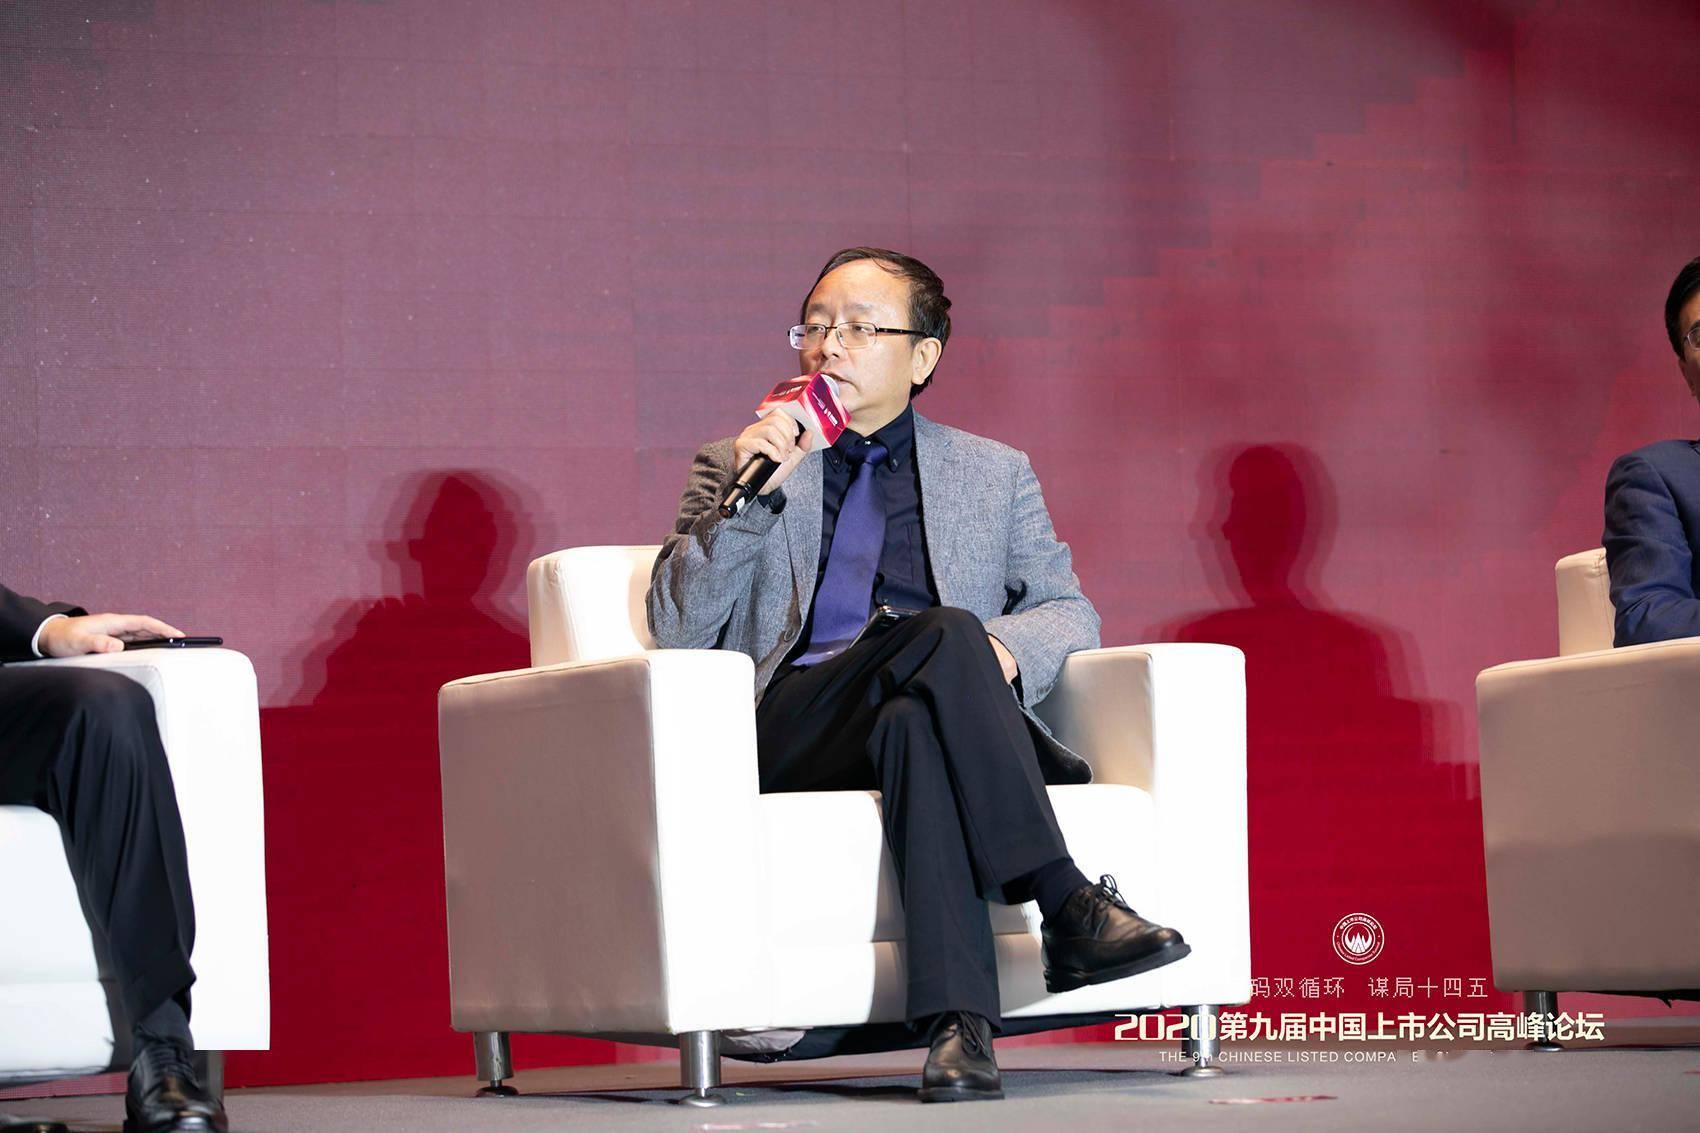 盛和资源董事长胡泽松:稀土是新产业革命催化剂,参与全球竞争是企业责任